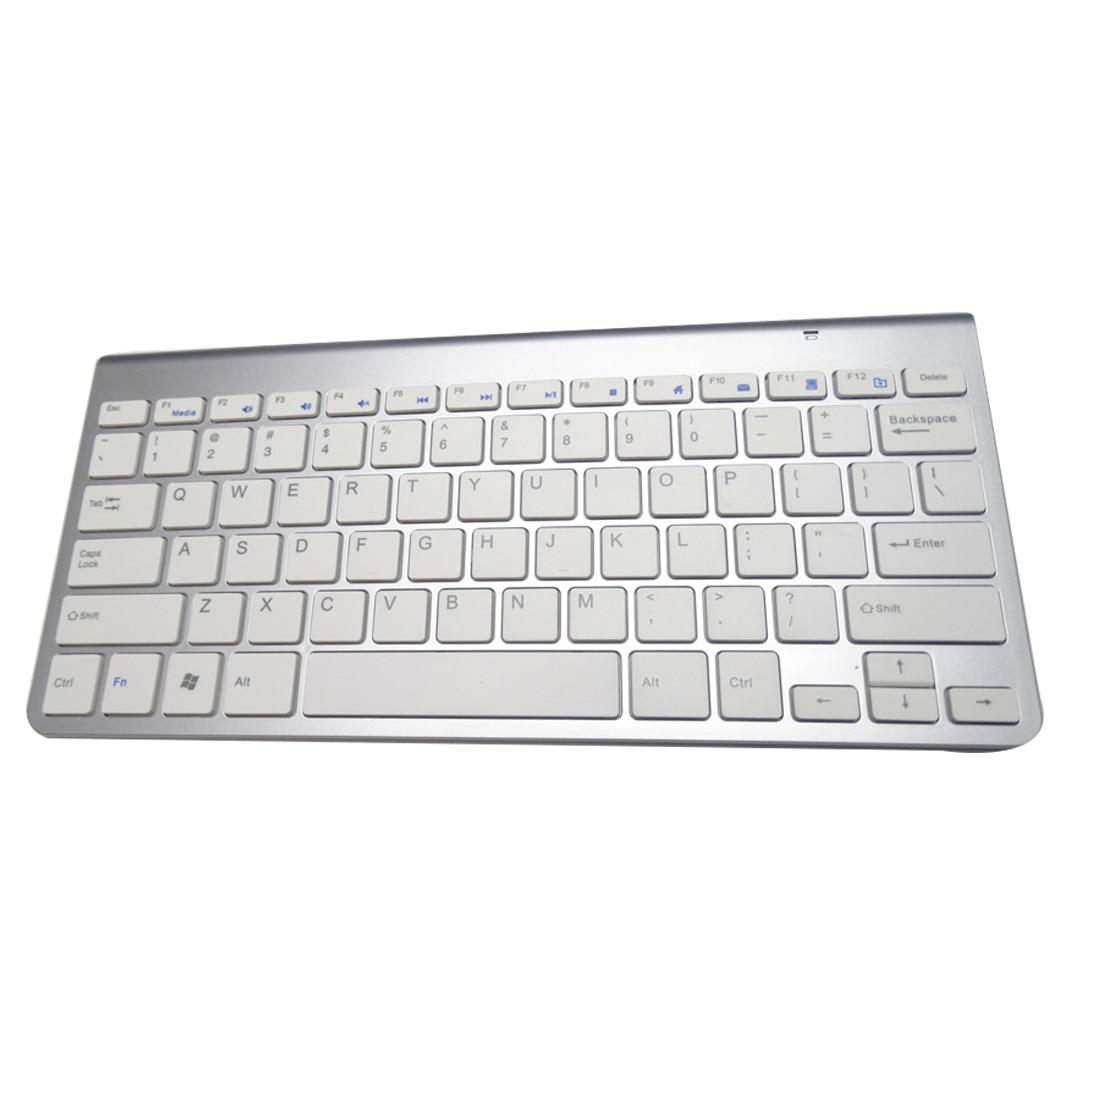 NOYOKERE Ultra Slim 2.4G Teclado inalámbrico Teclado para juegos en línea para MacBOOK LAP Computadora PC y tableta Android